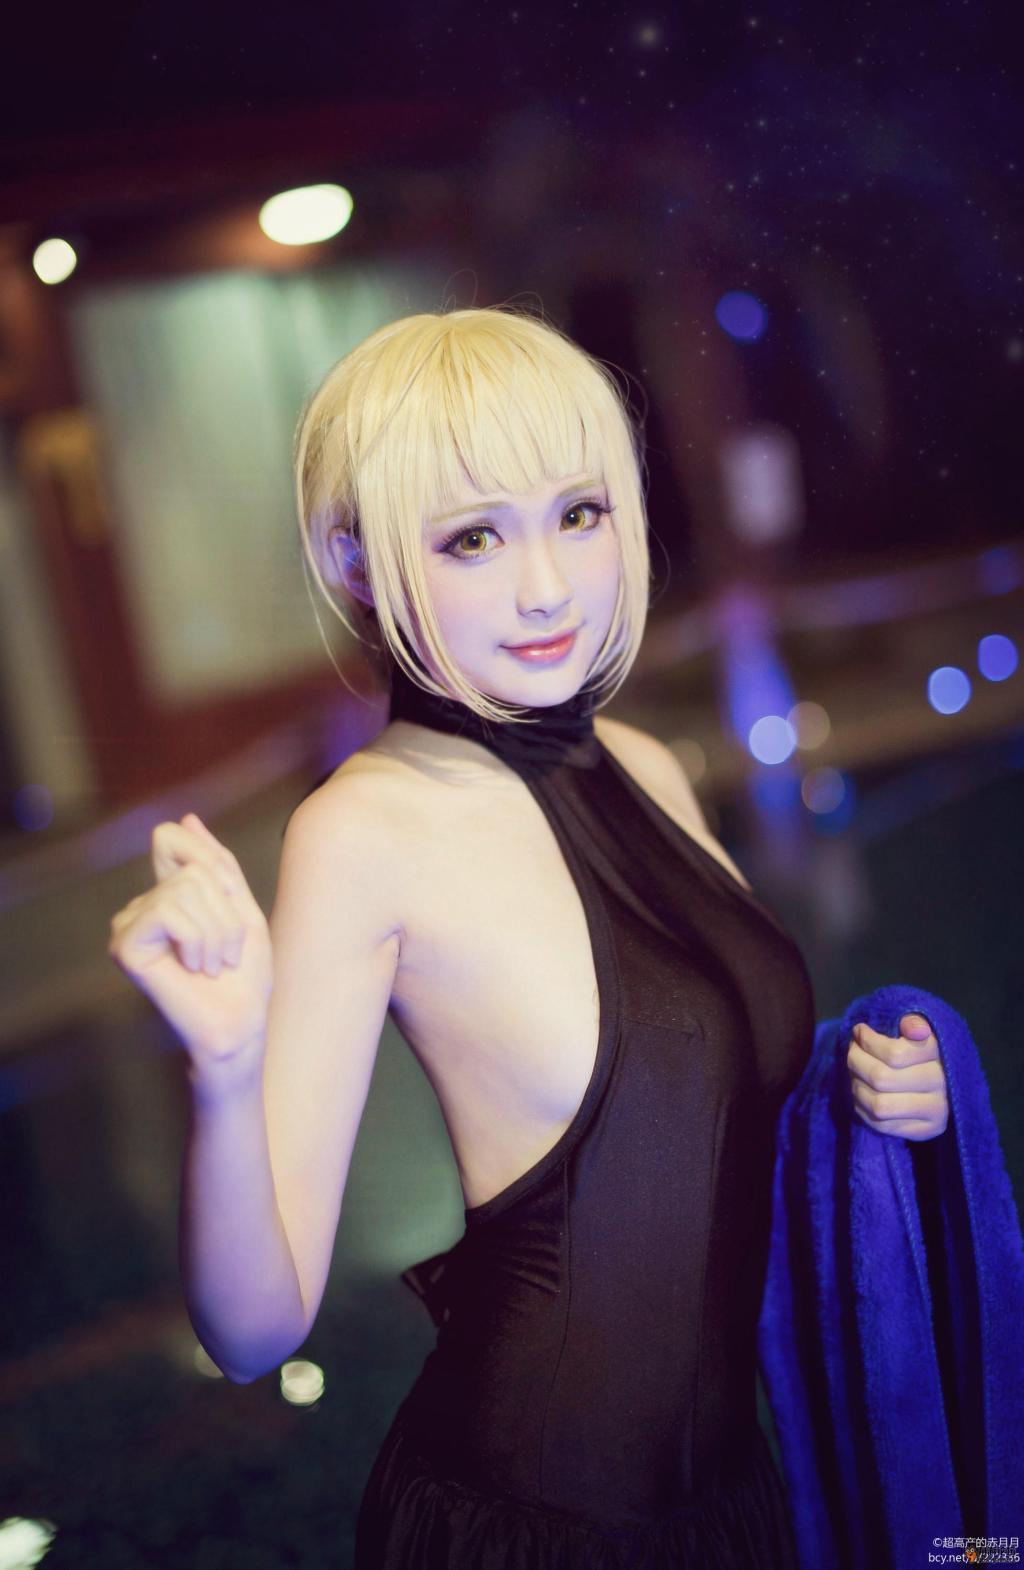 欧美裸阴艺术_丝袜诱惑视频福利_九cao视频在线看高清图片